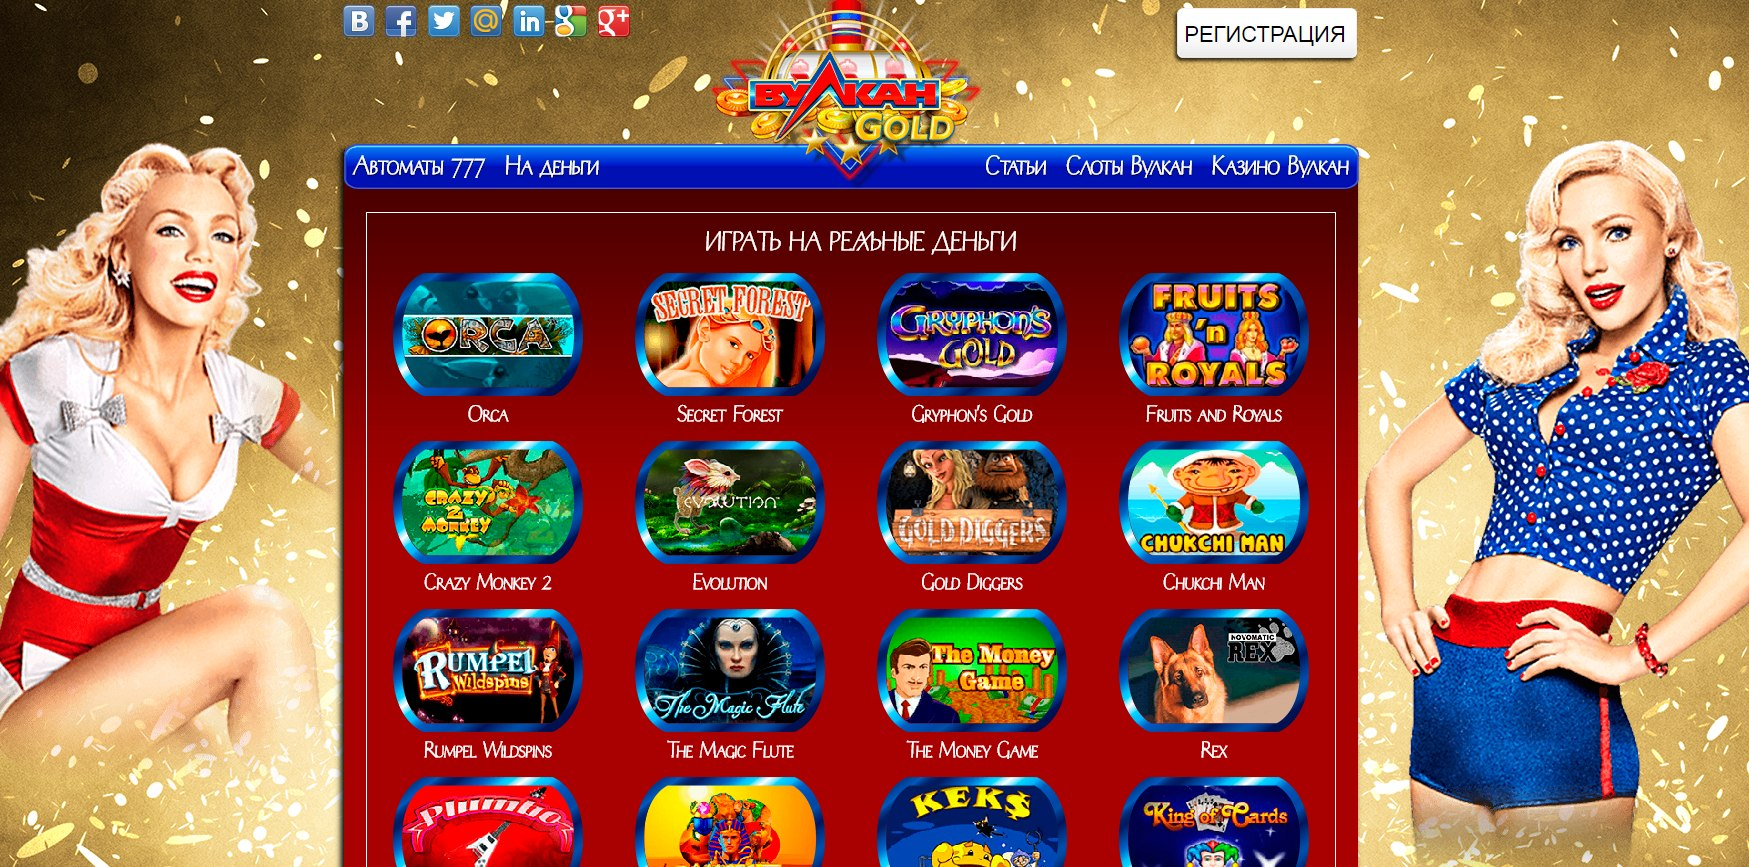 Различные виды развлечений в онлайн-казино Вулкан